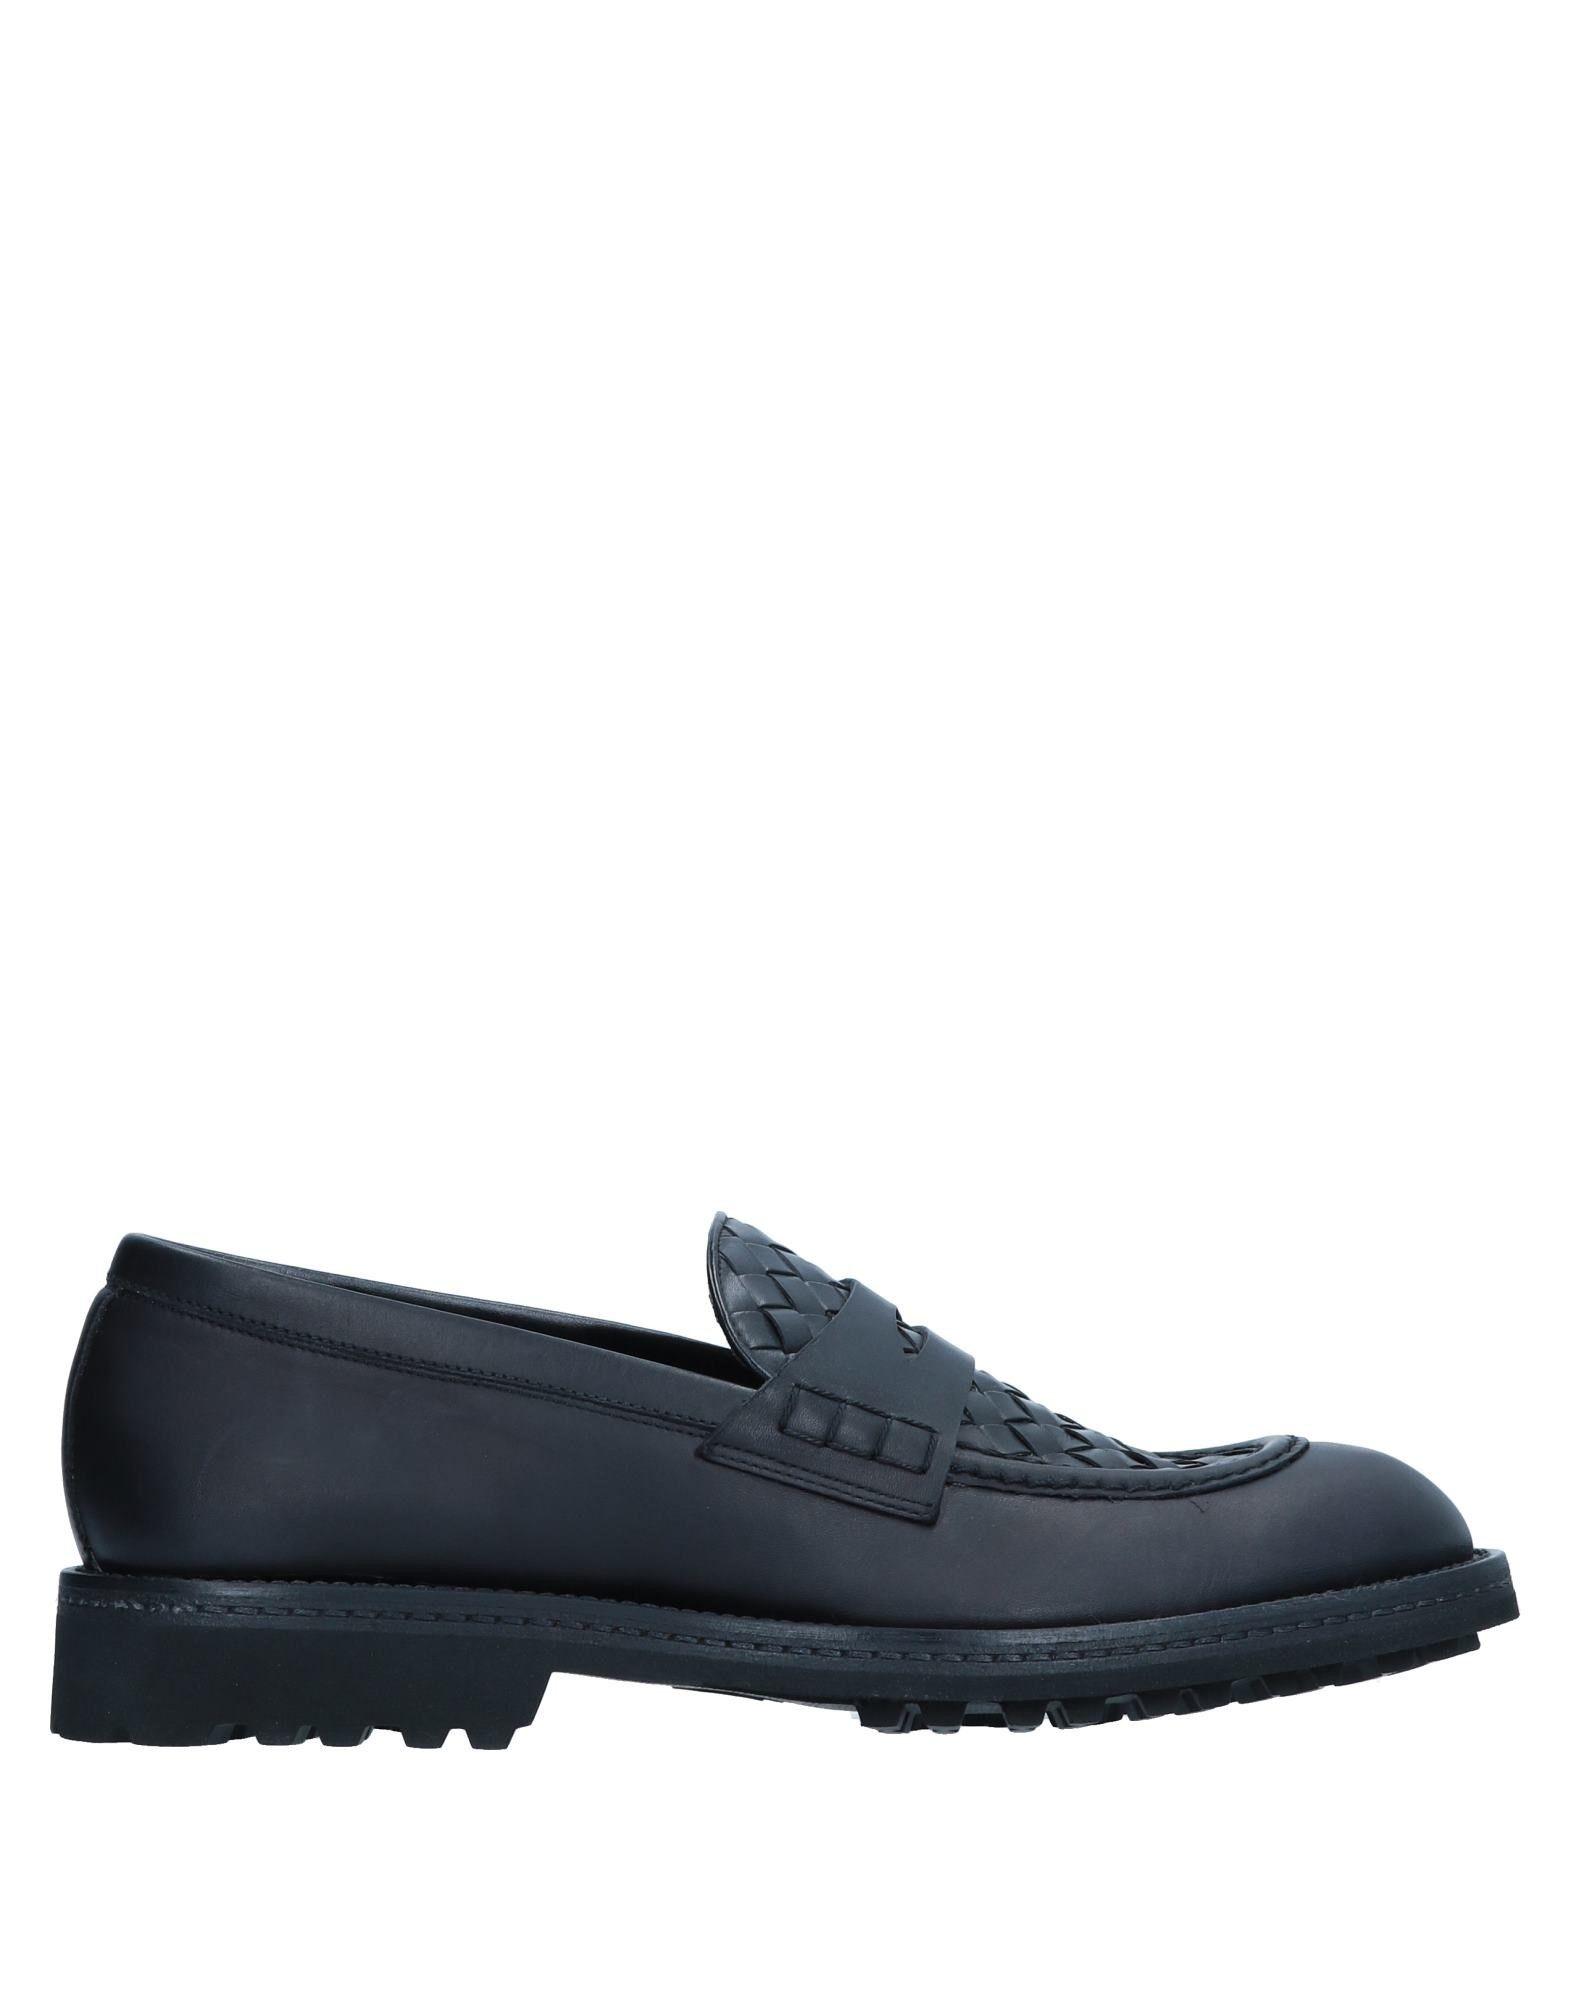 Barrett Gute Mokassins Herren  11548191DF Gute Barrett Qualität beliebte Schuhe 9ae94d